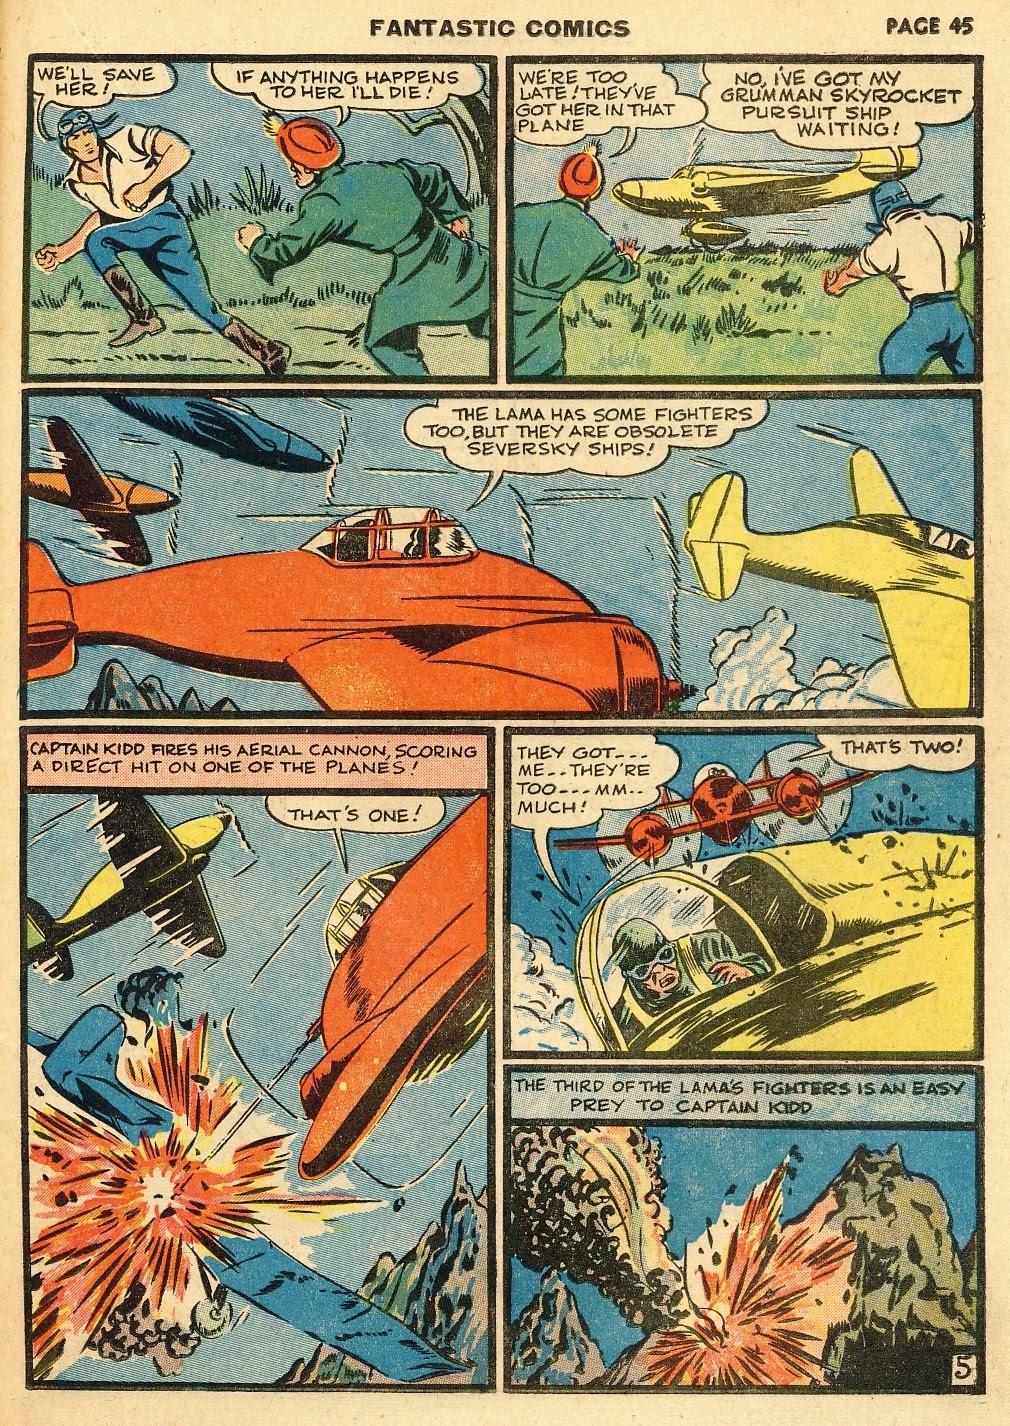 Read online Fantastic Comics comic -  Issue #10 - 46